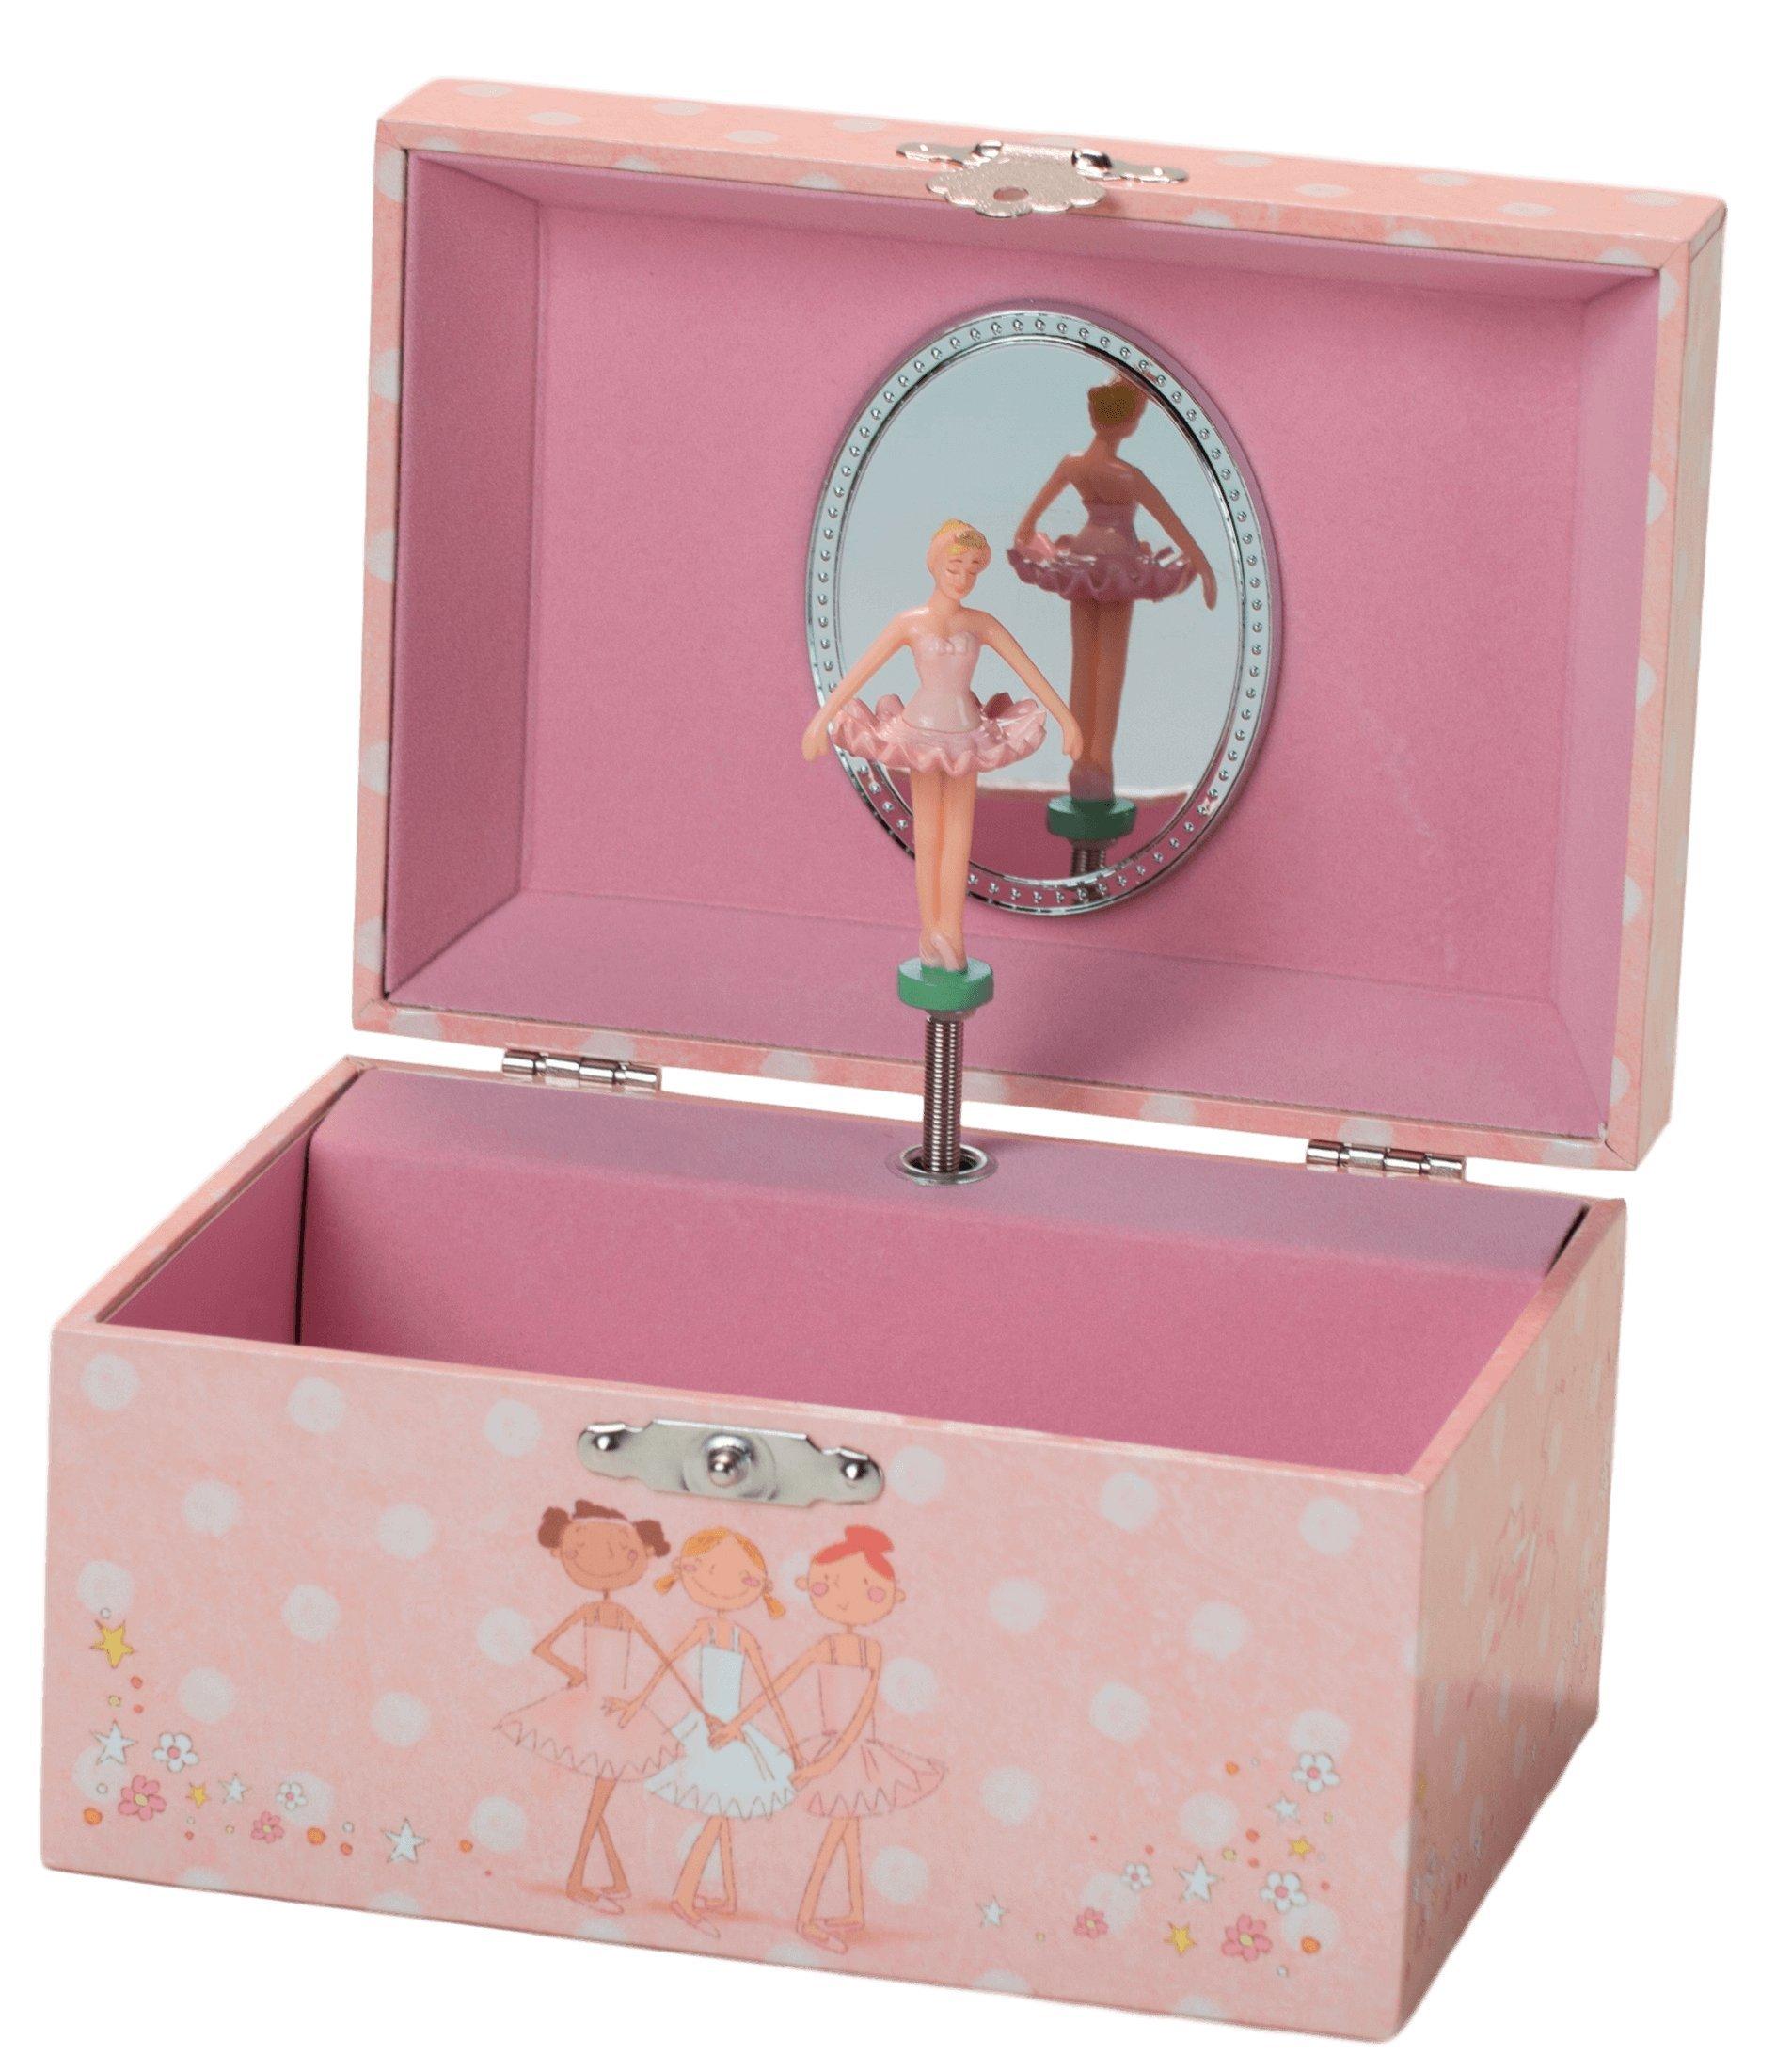 The San Francisco Music Box Company Ballerina Keepsake Jewelry Box